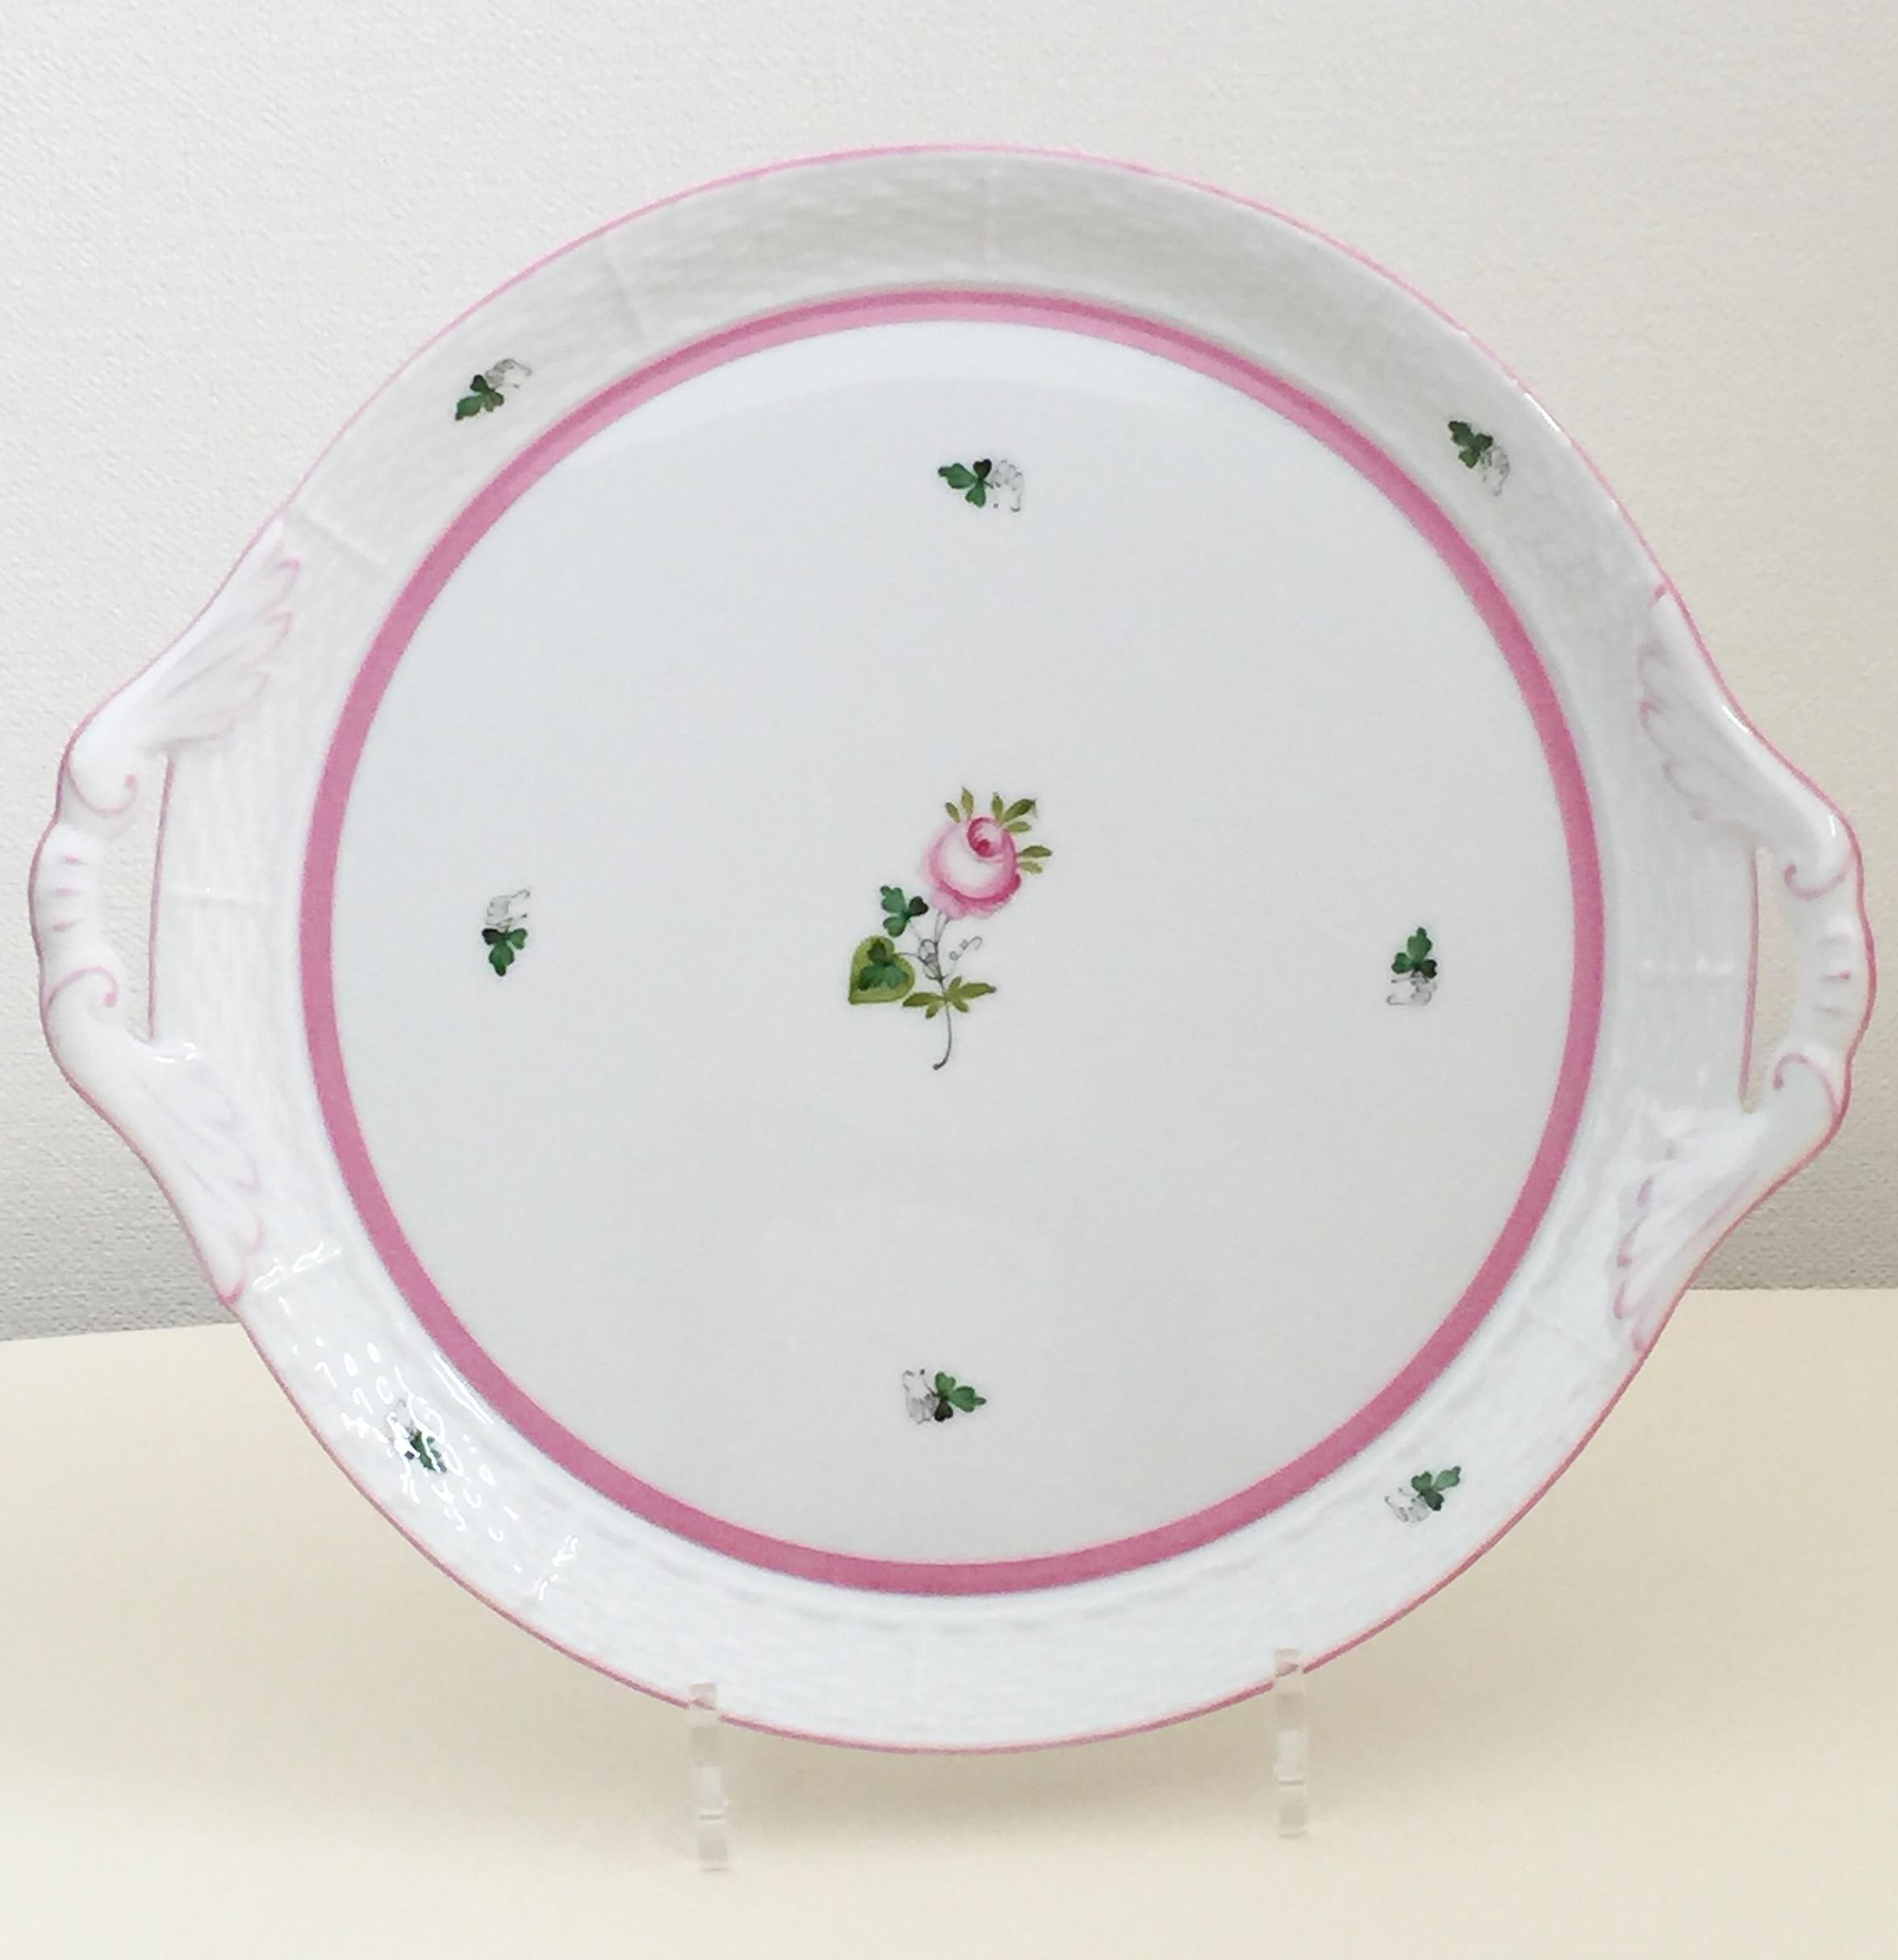 ヘレンド VRH-X4 00315-0-00 ウィーンの薔薇ピンク ガトープレート 29cm (ガトープレートのみ、ポット・カップソーサーは付きません)